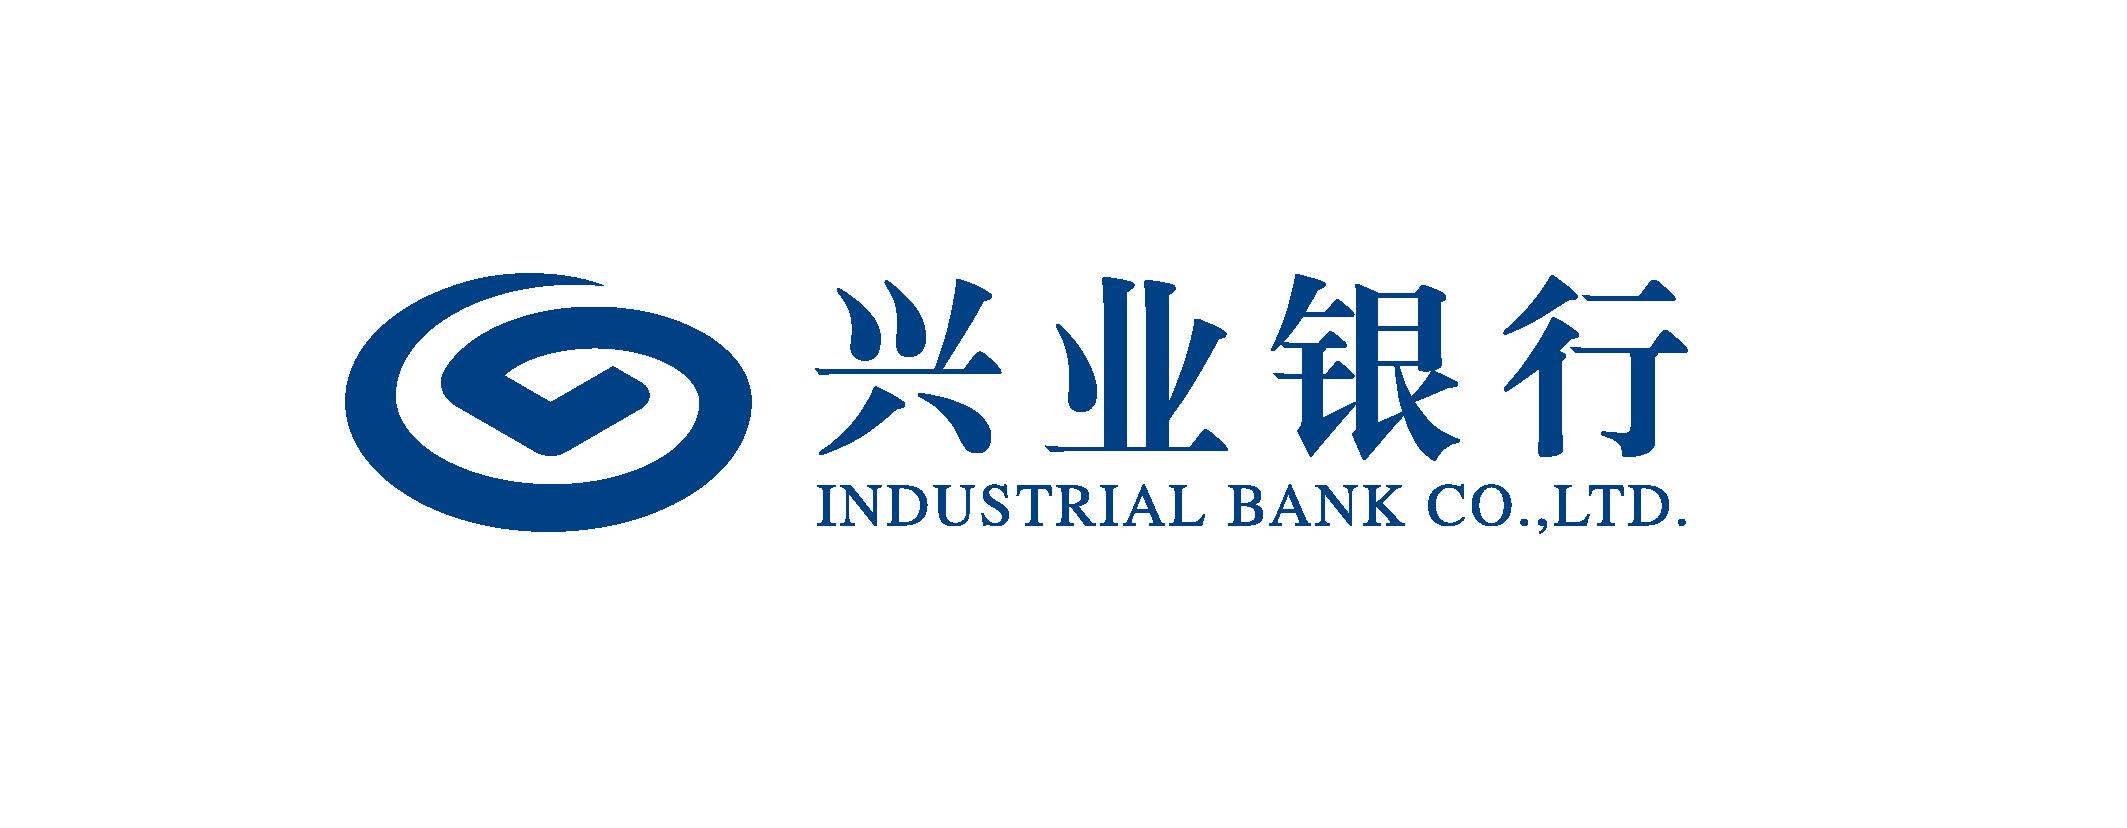 13兴业银行